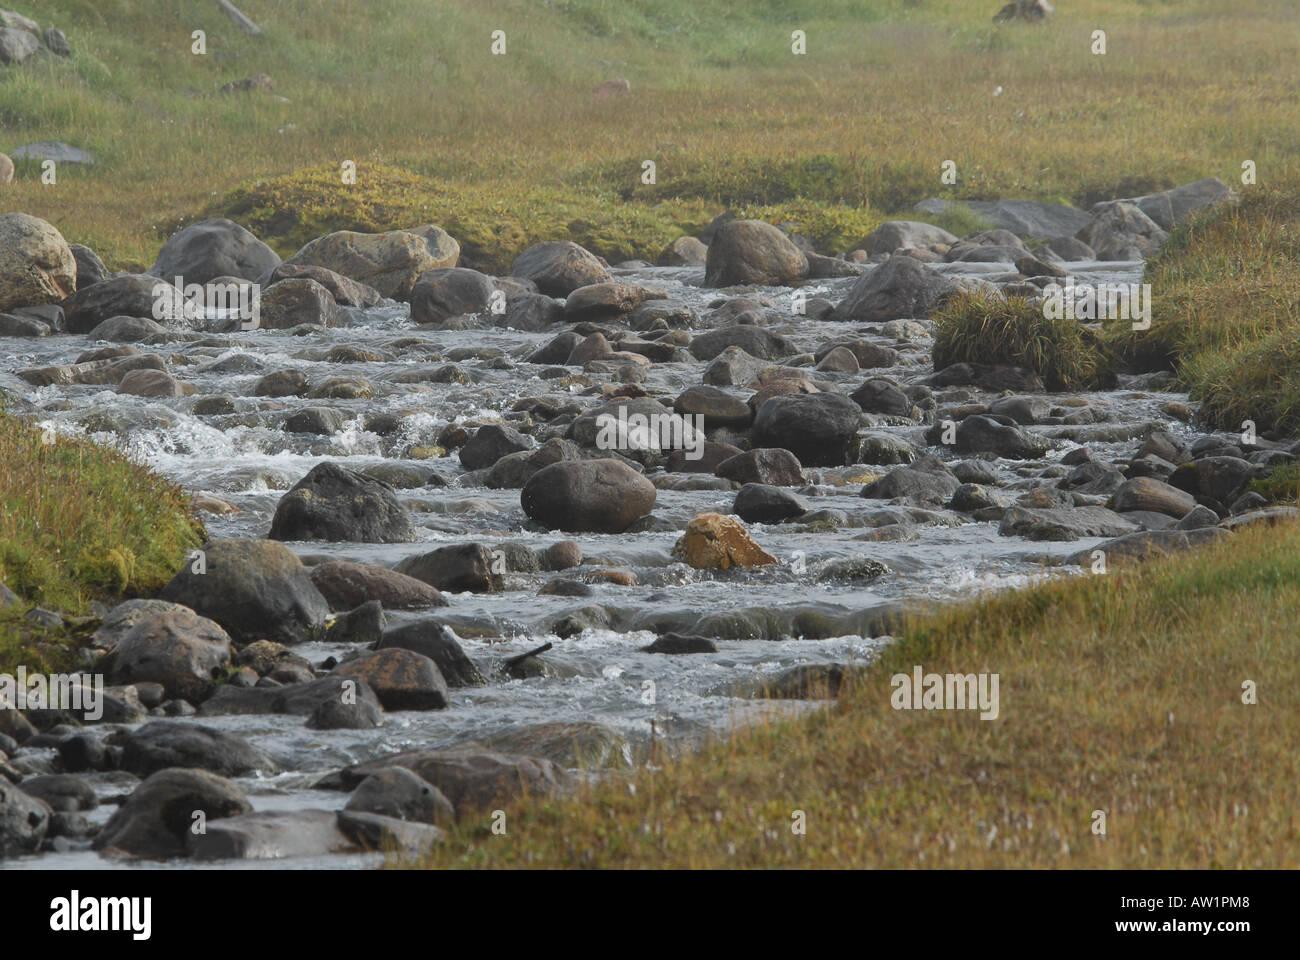 Sitio arqueológico de Thule en Salmon Creek, el estanque de la isla de Baffin de admisión alto Ártico Canadá turísticos remotos aislados Senderismo Senderismo la niebla rock rockly lanza playa fluvial Imagen De Stock